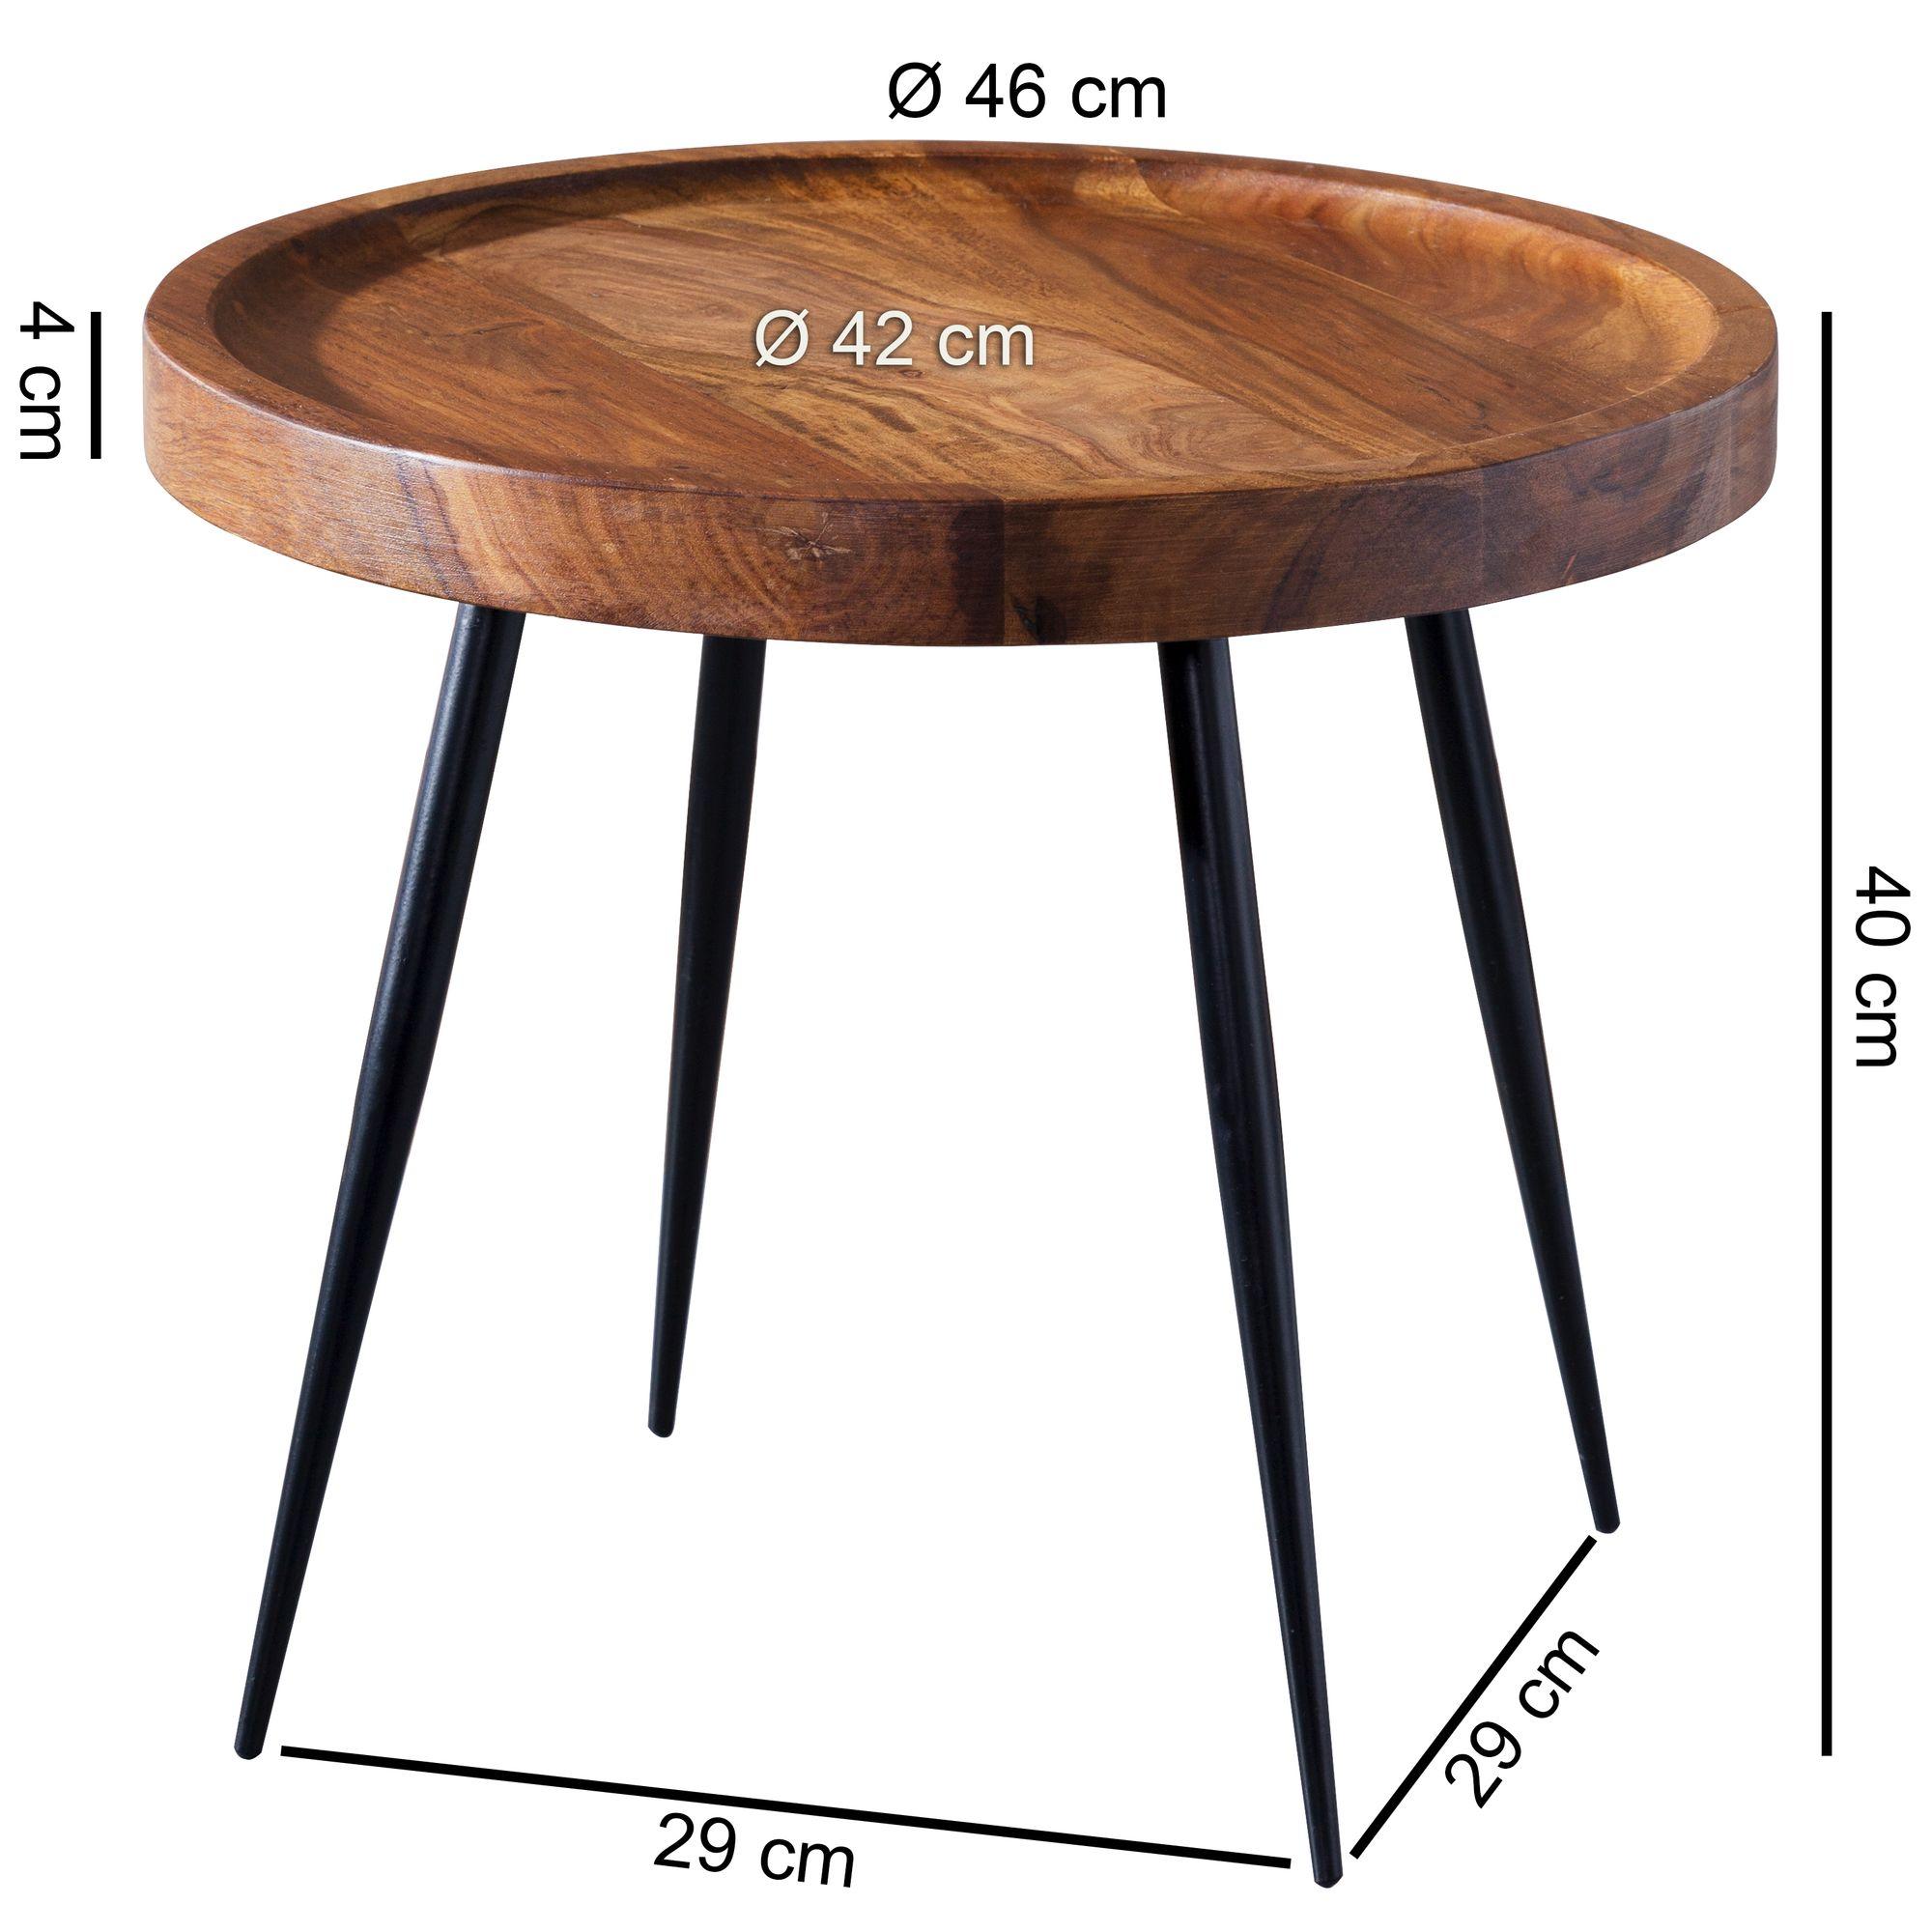 Finebuy Beistelltisch Rund 46x40x46cm Sheesham Massiv Holz Metall